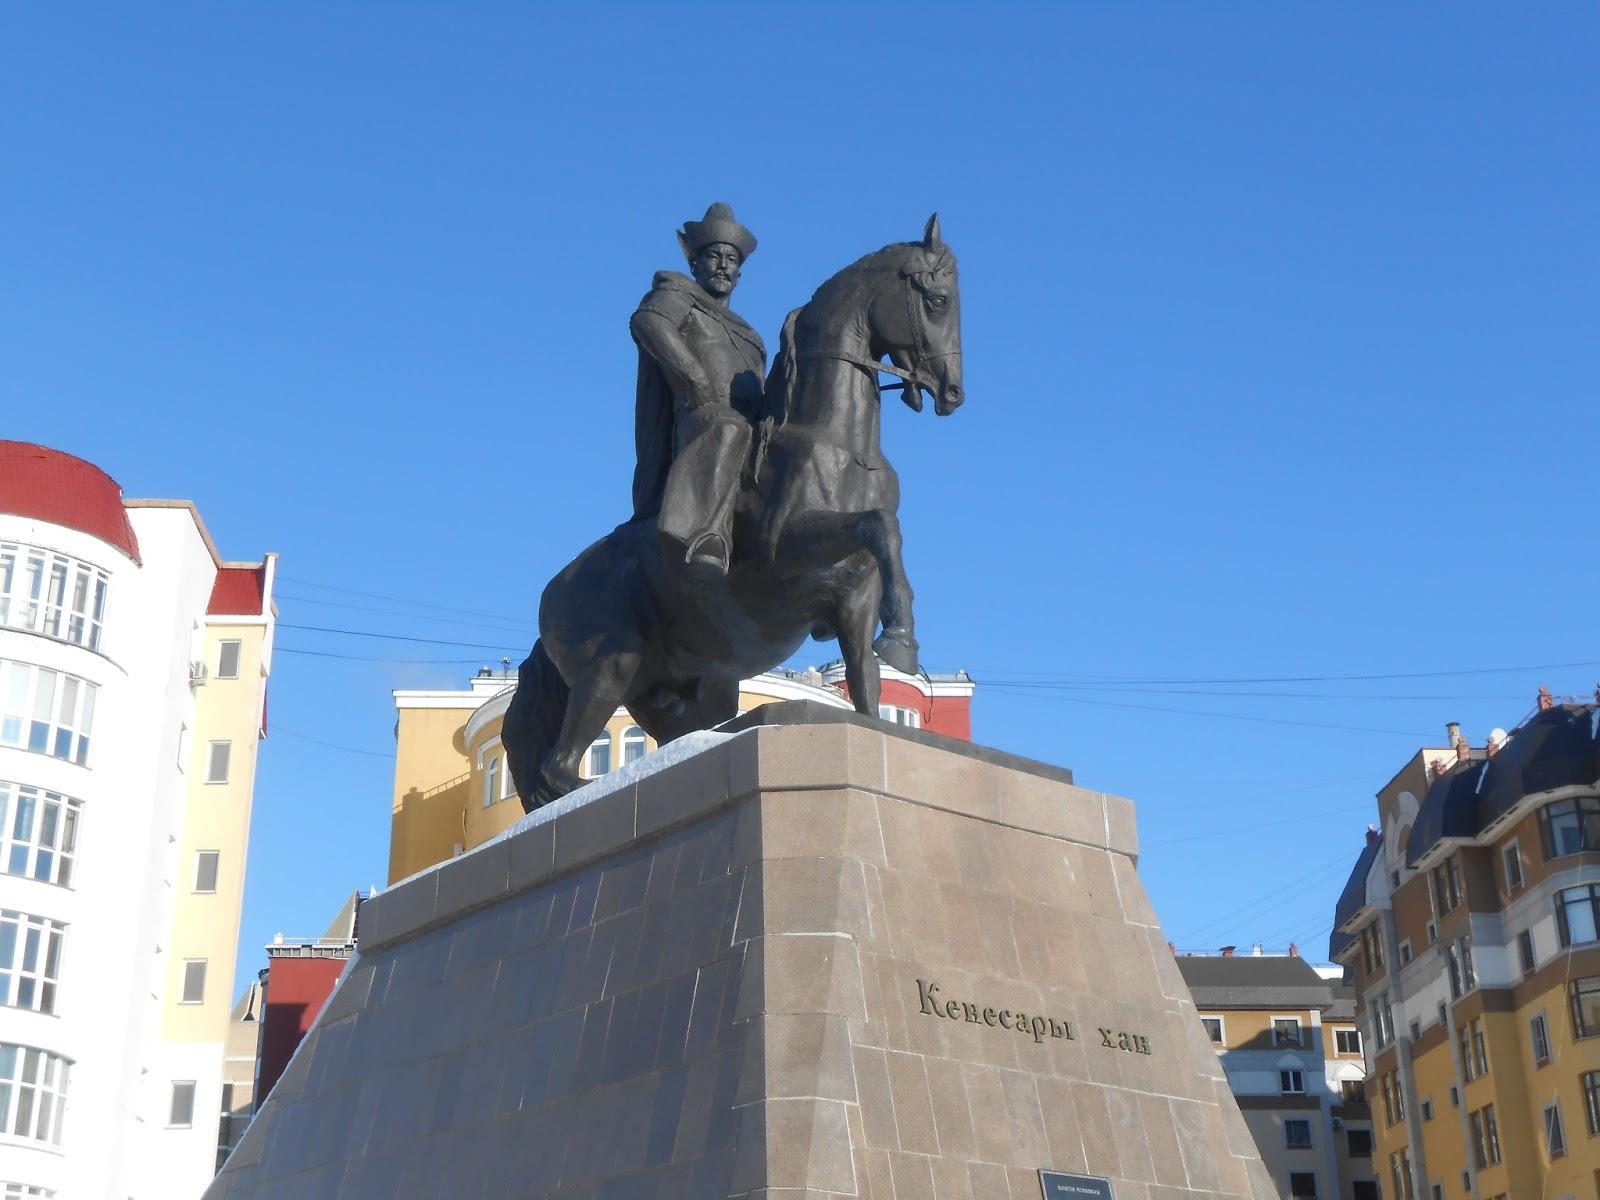 Kenessary Khan Astana